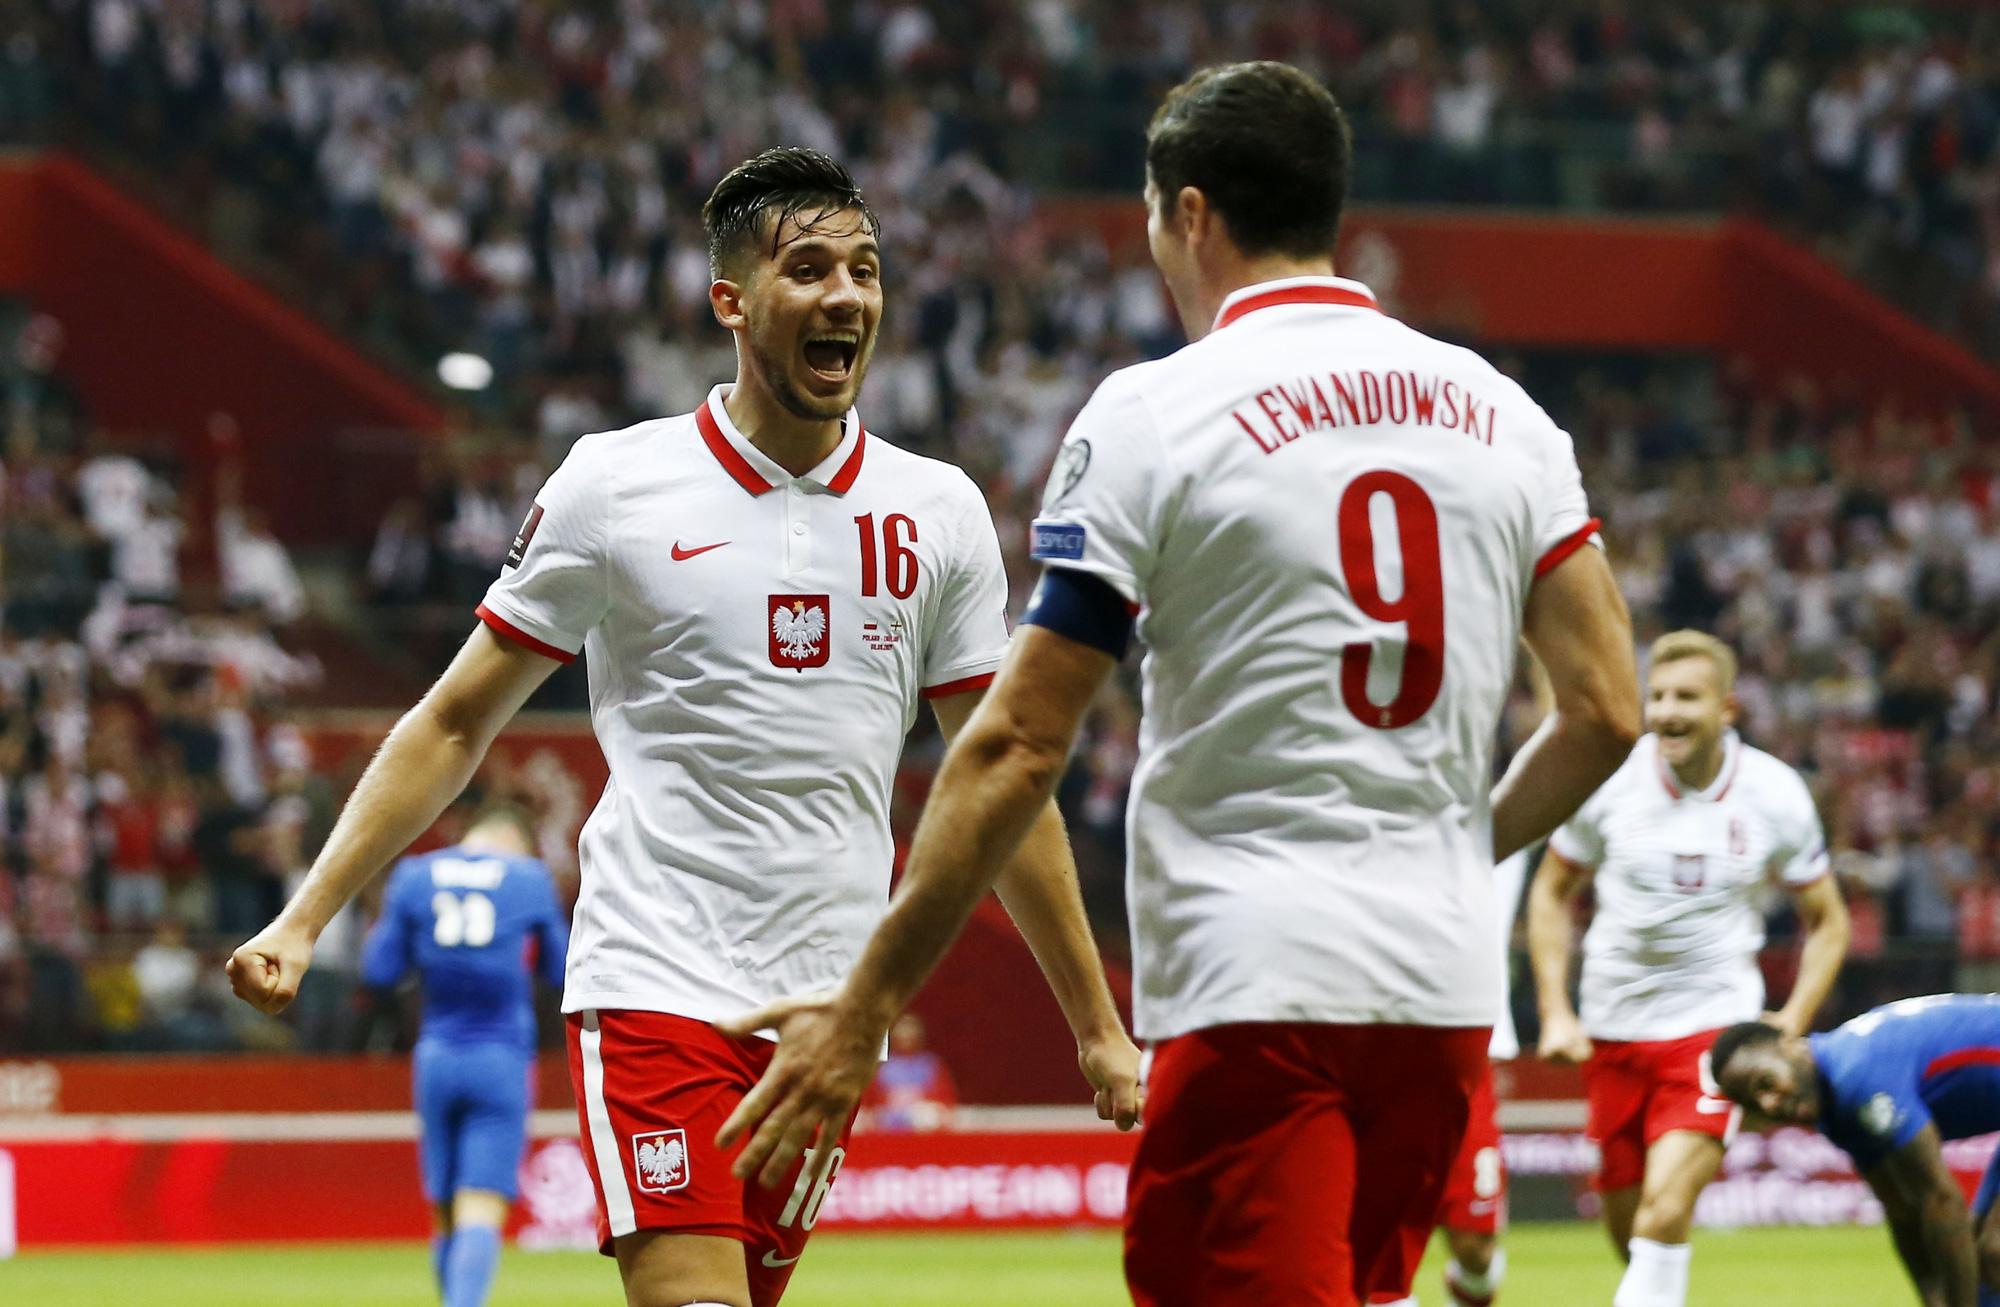 Ba Lan ghi bàn ấn định tỷ số hòa 1-1